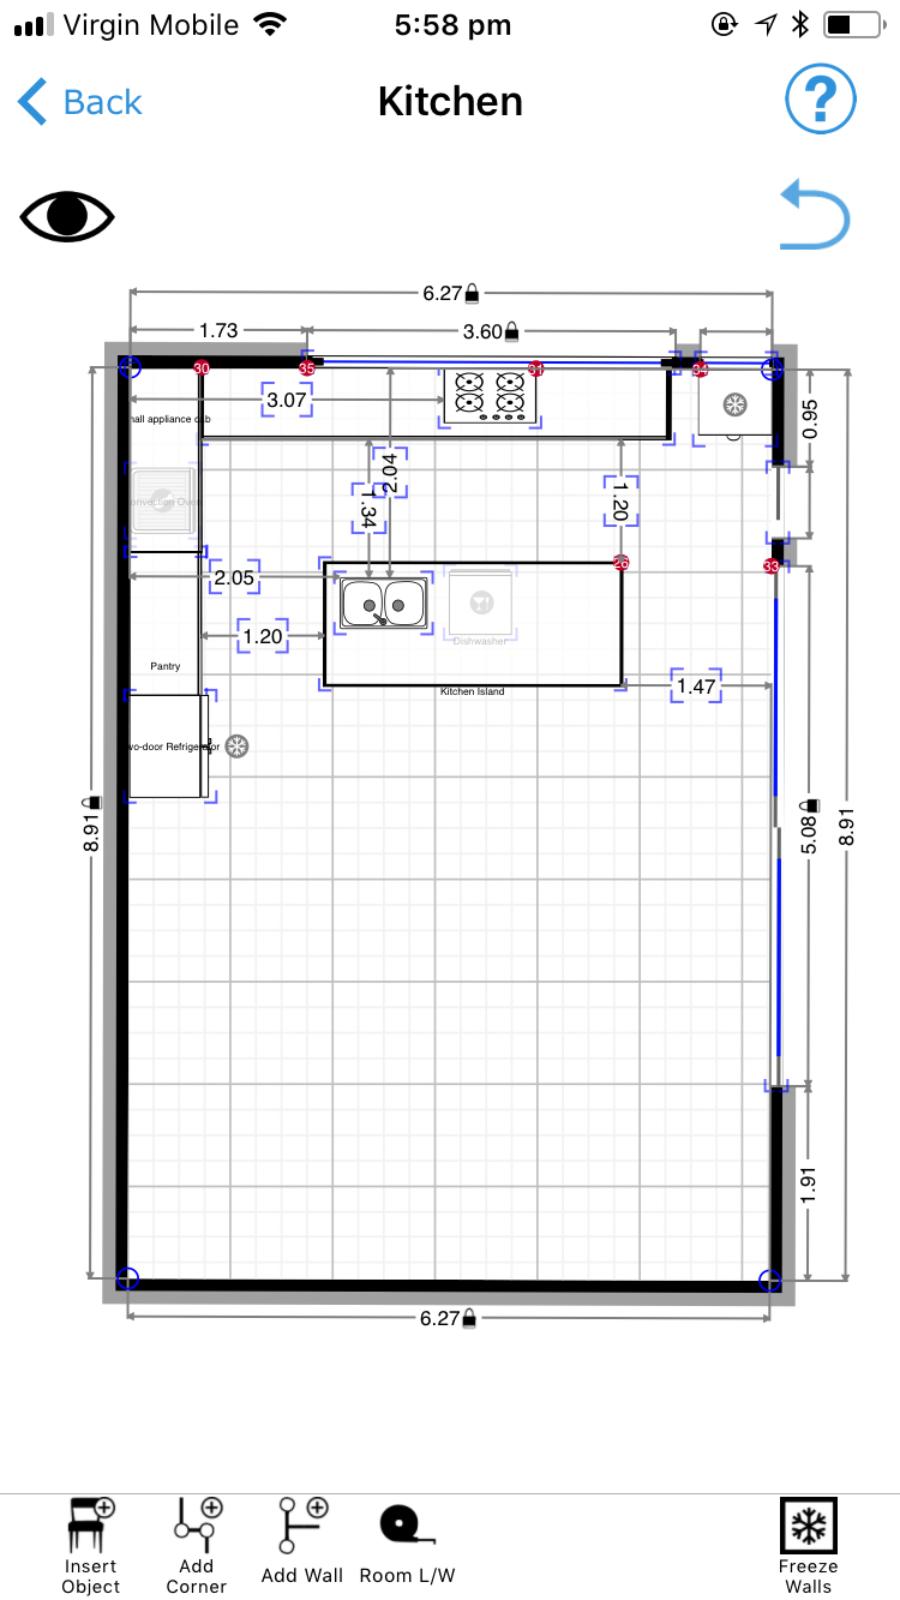 Kitchen layout plan help